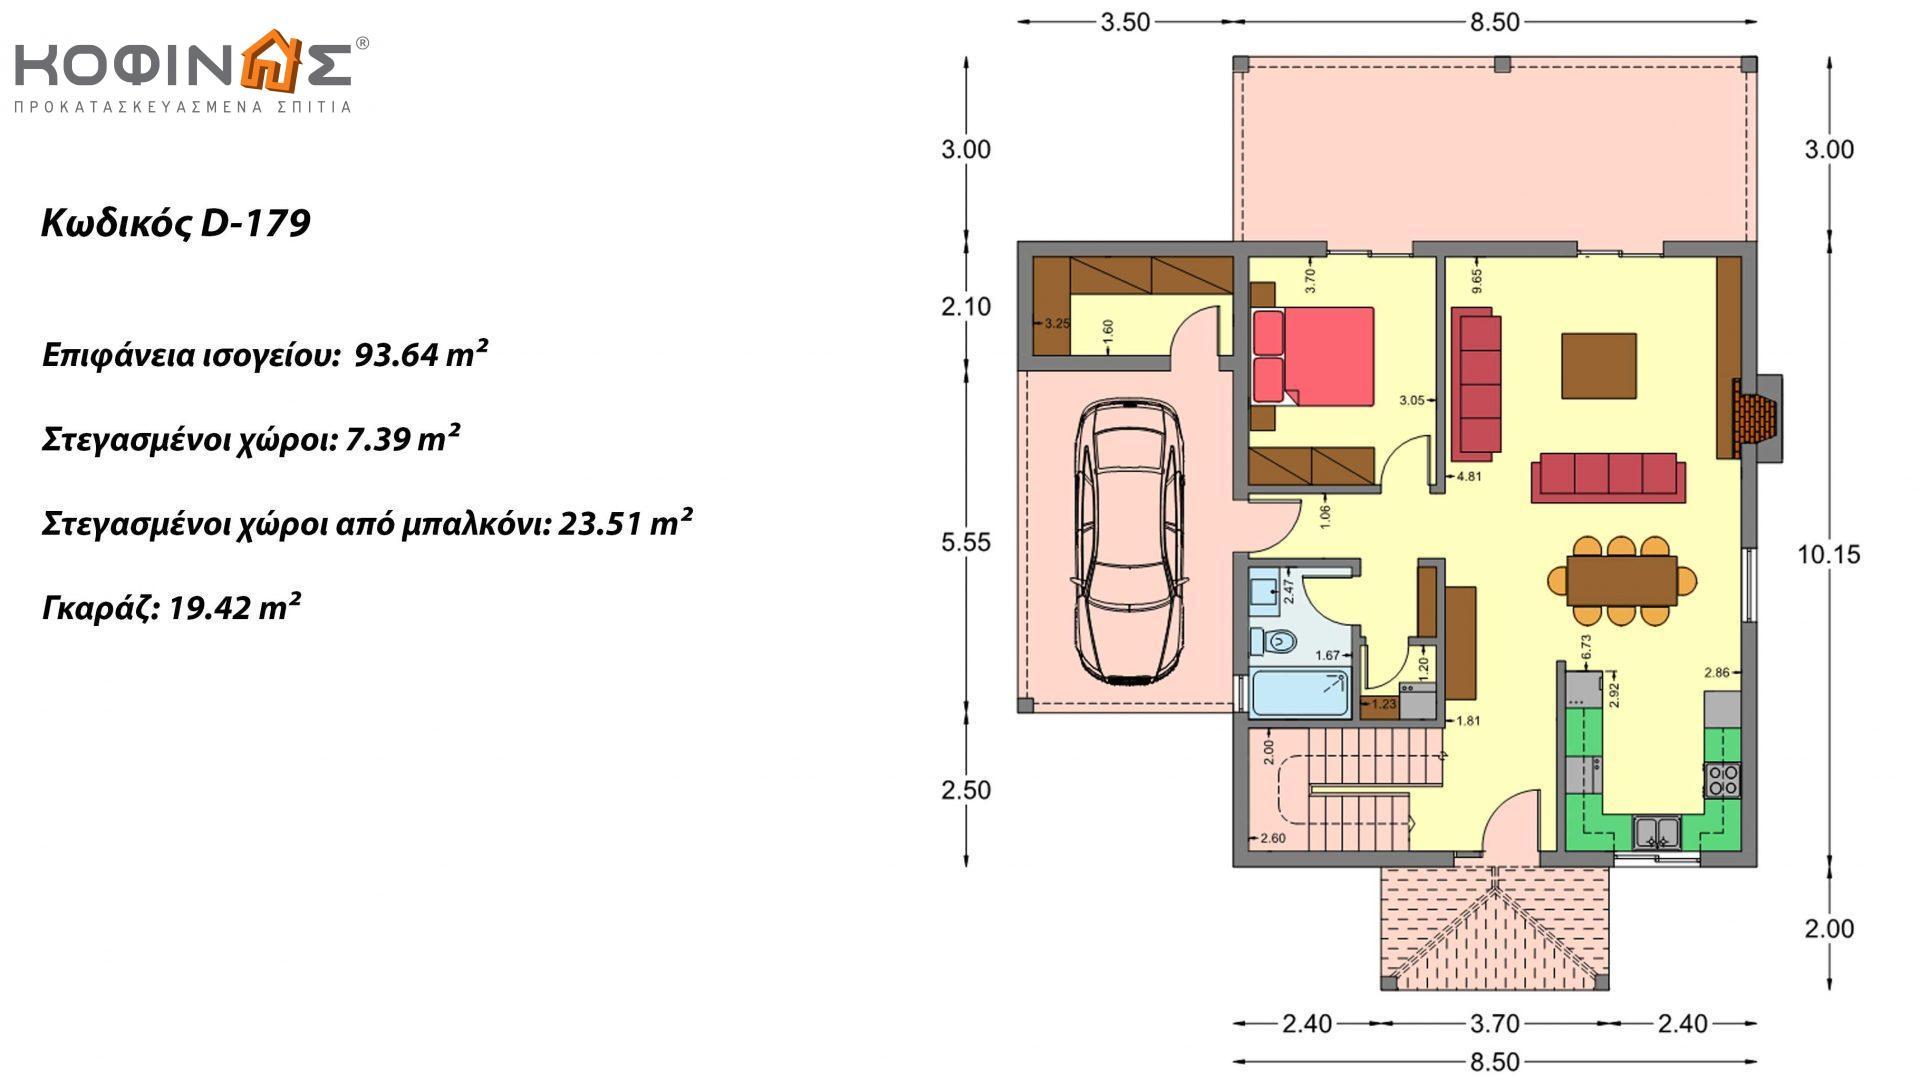 Διώροφη Κατοικία D-179, συνολικής επιφάνειας  179.38 τ.μ., +Γκαράζ 19.42 τ.μ. (=198.80 m²), συνολική επιφάνεια στεγασμένων χώρων 30.90 τ.μ., μπαλκόνια 23.51 m²